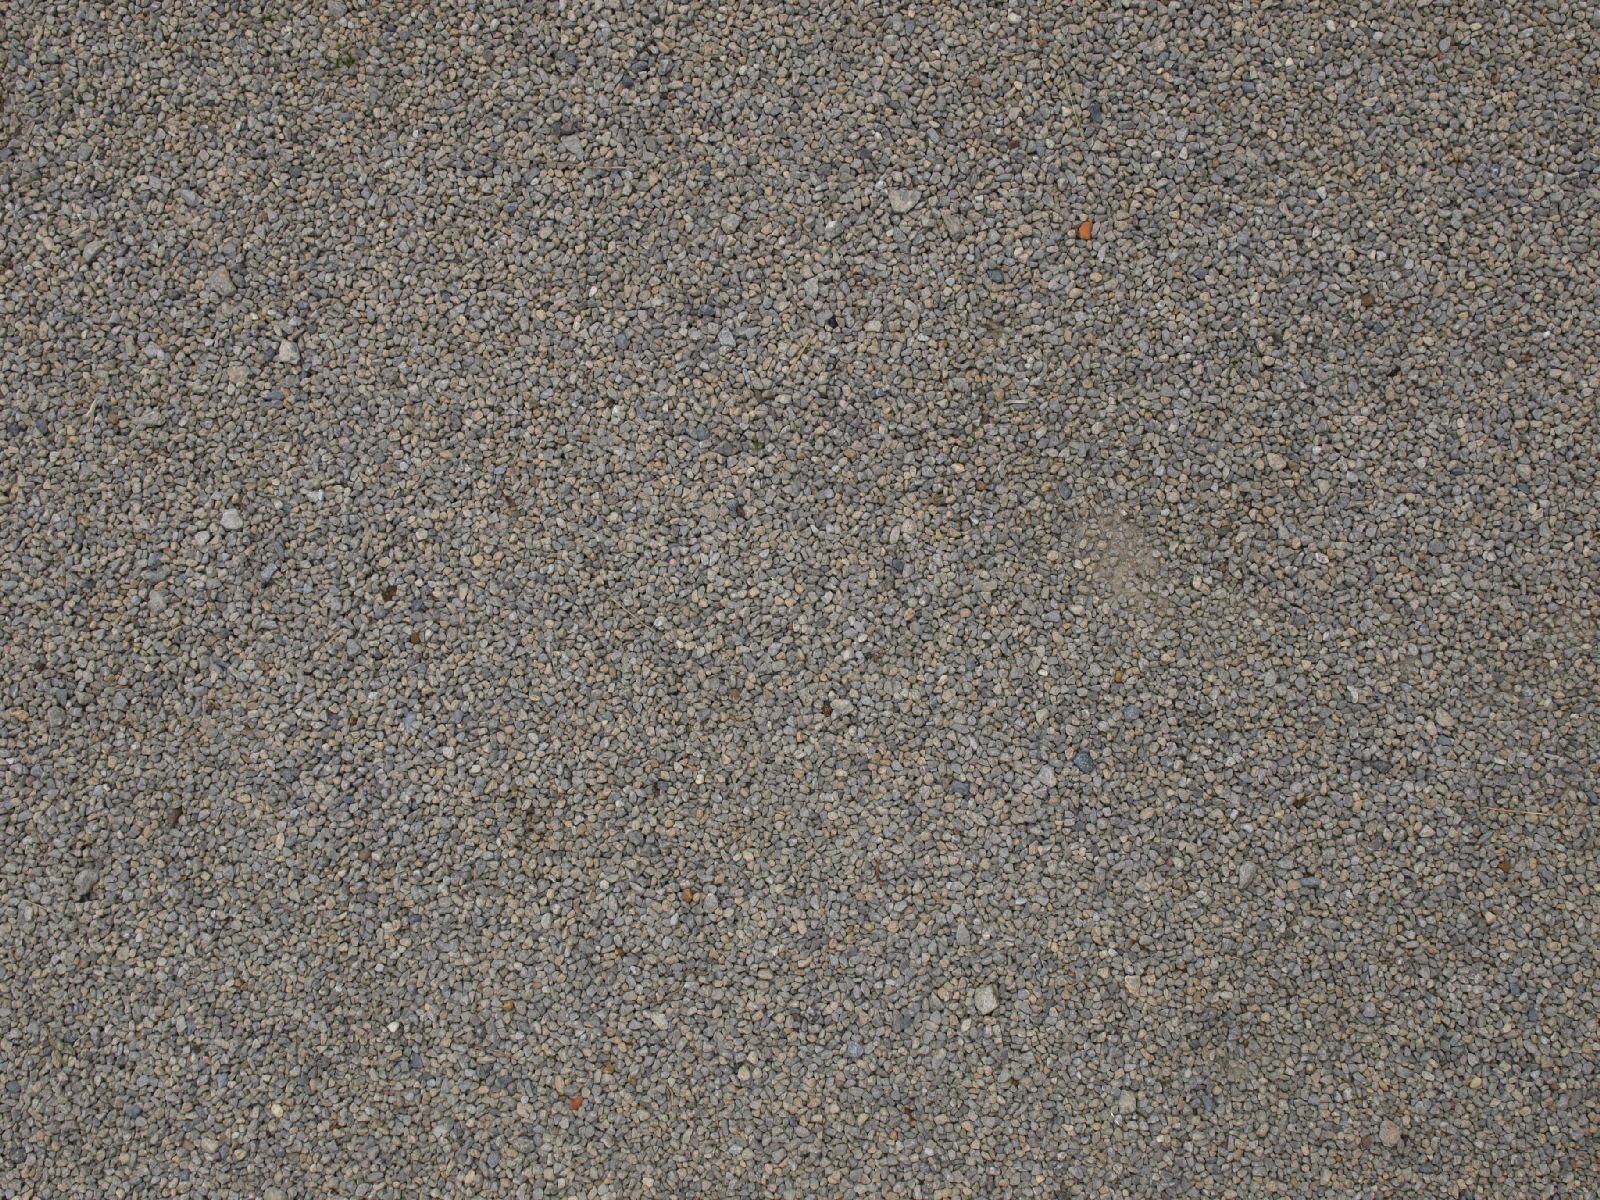 Boden-Gehweg-Strasse-Buergersteig-Textur_A_P5315759